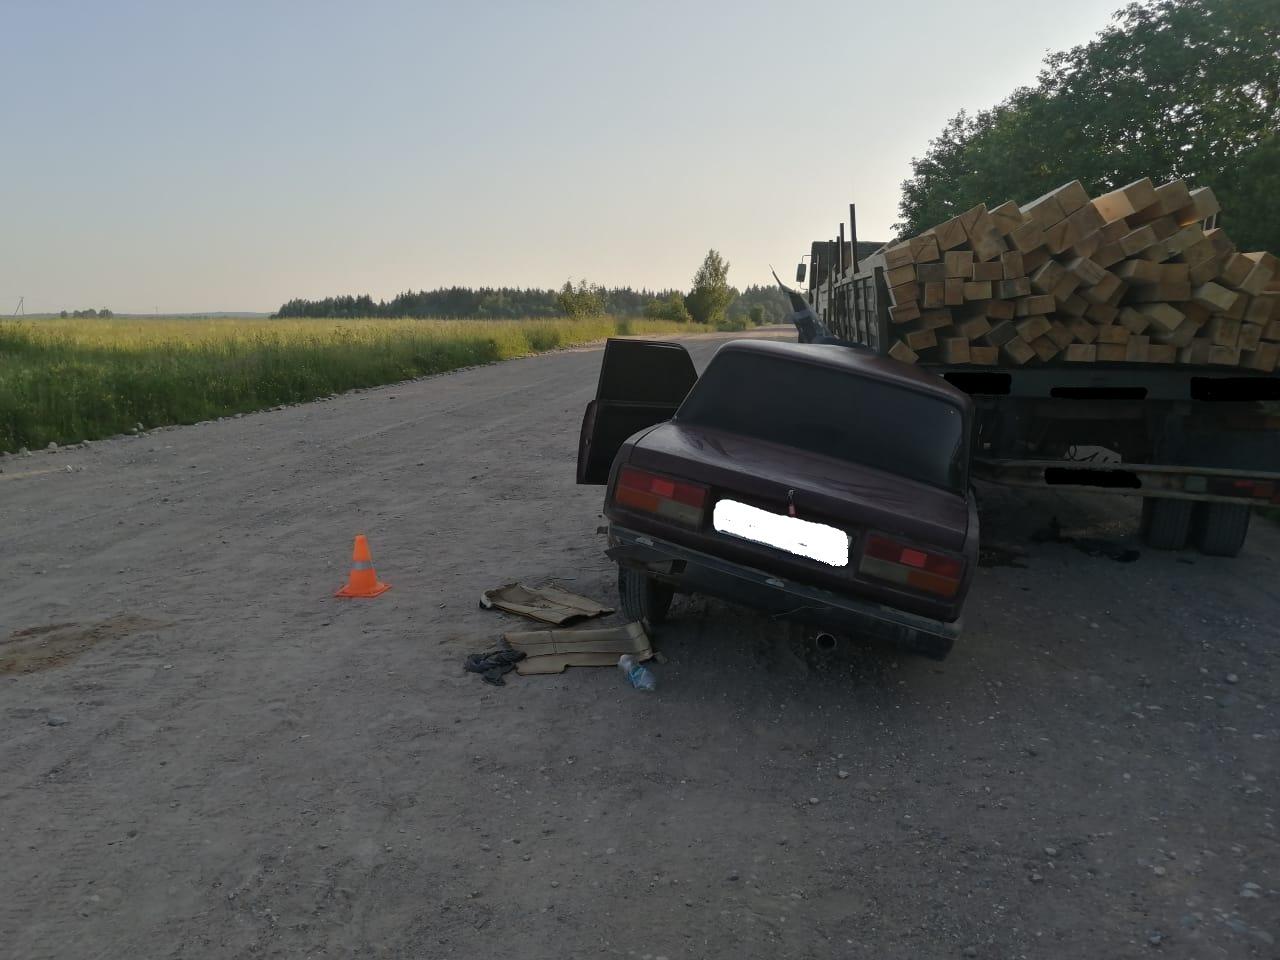 В Тверской области 17-летний подросток за рулем легковушки влетел под грузовик лишенного прав водителя - новости Афанасий